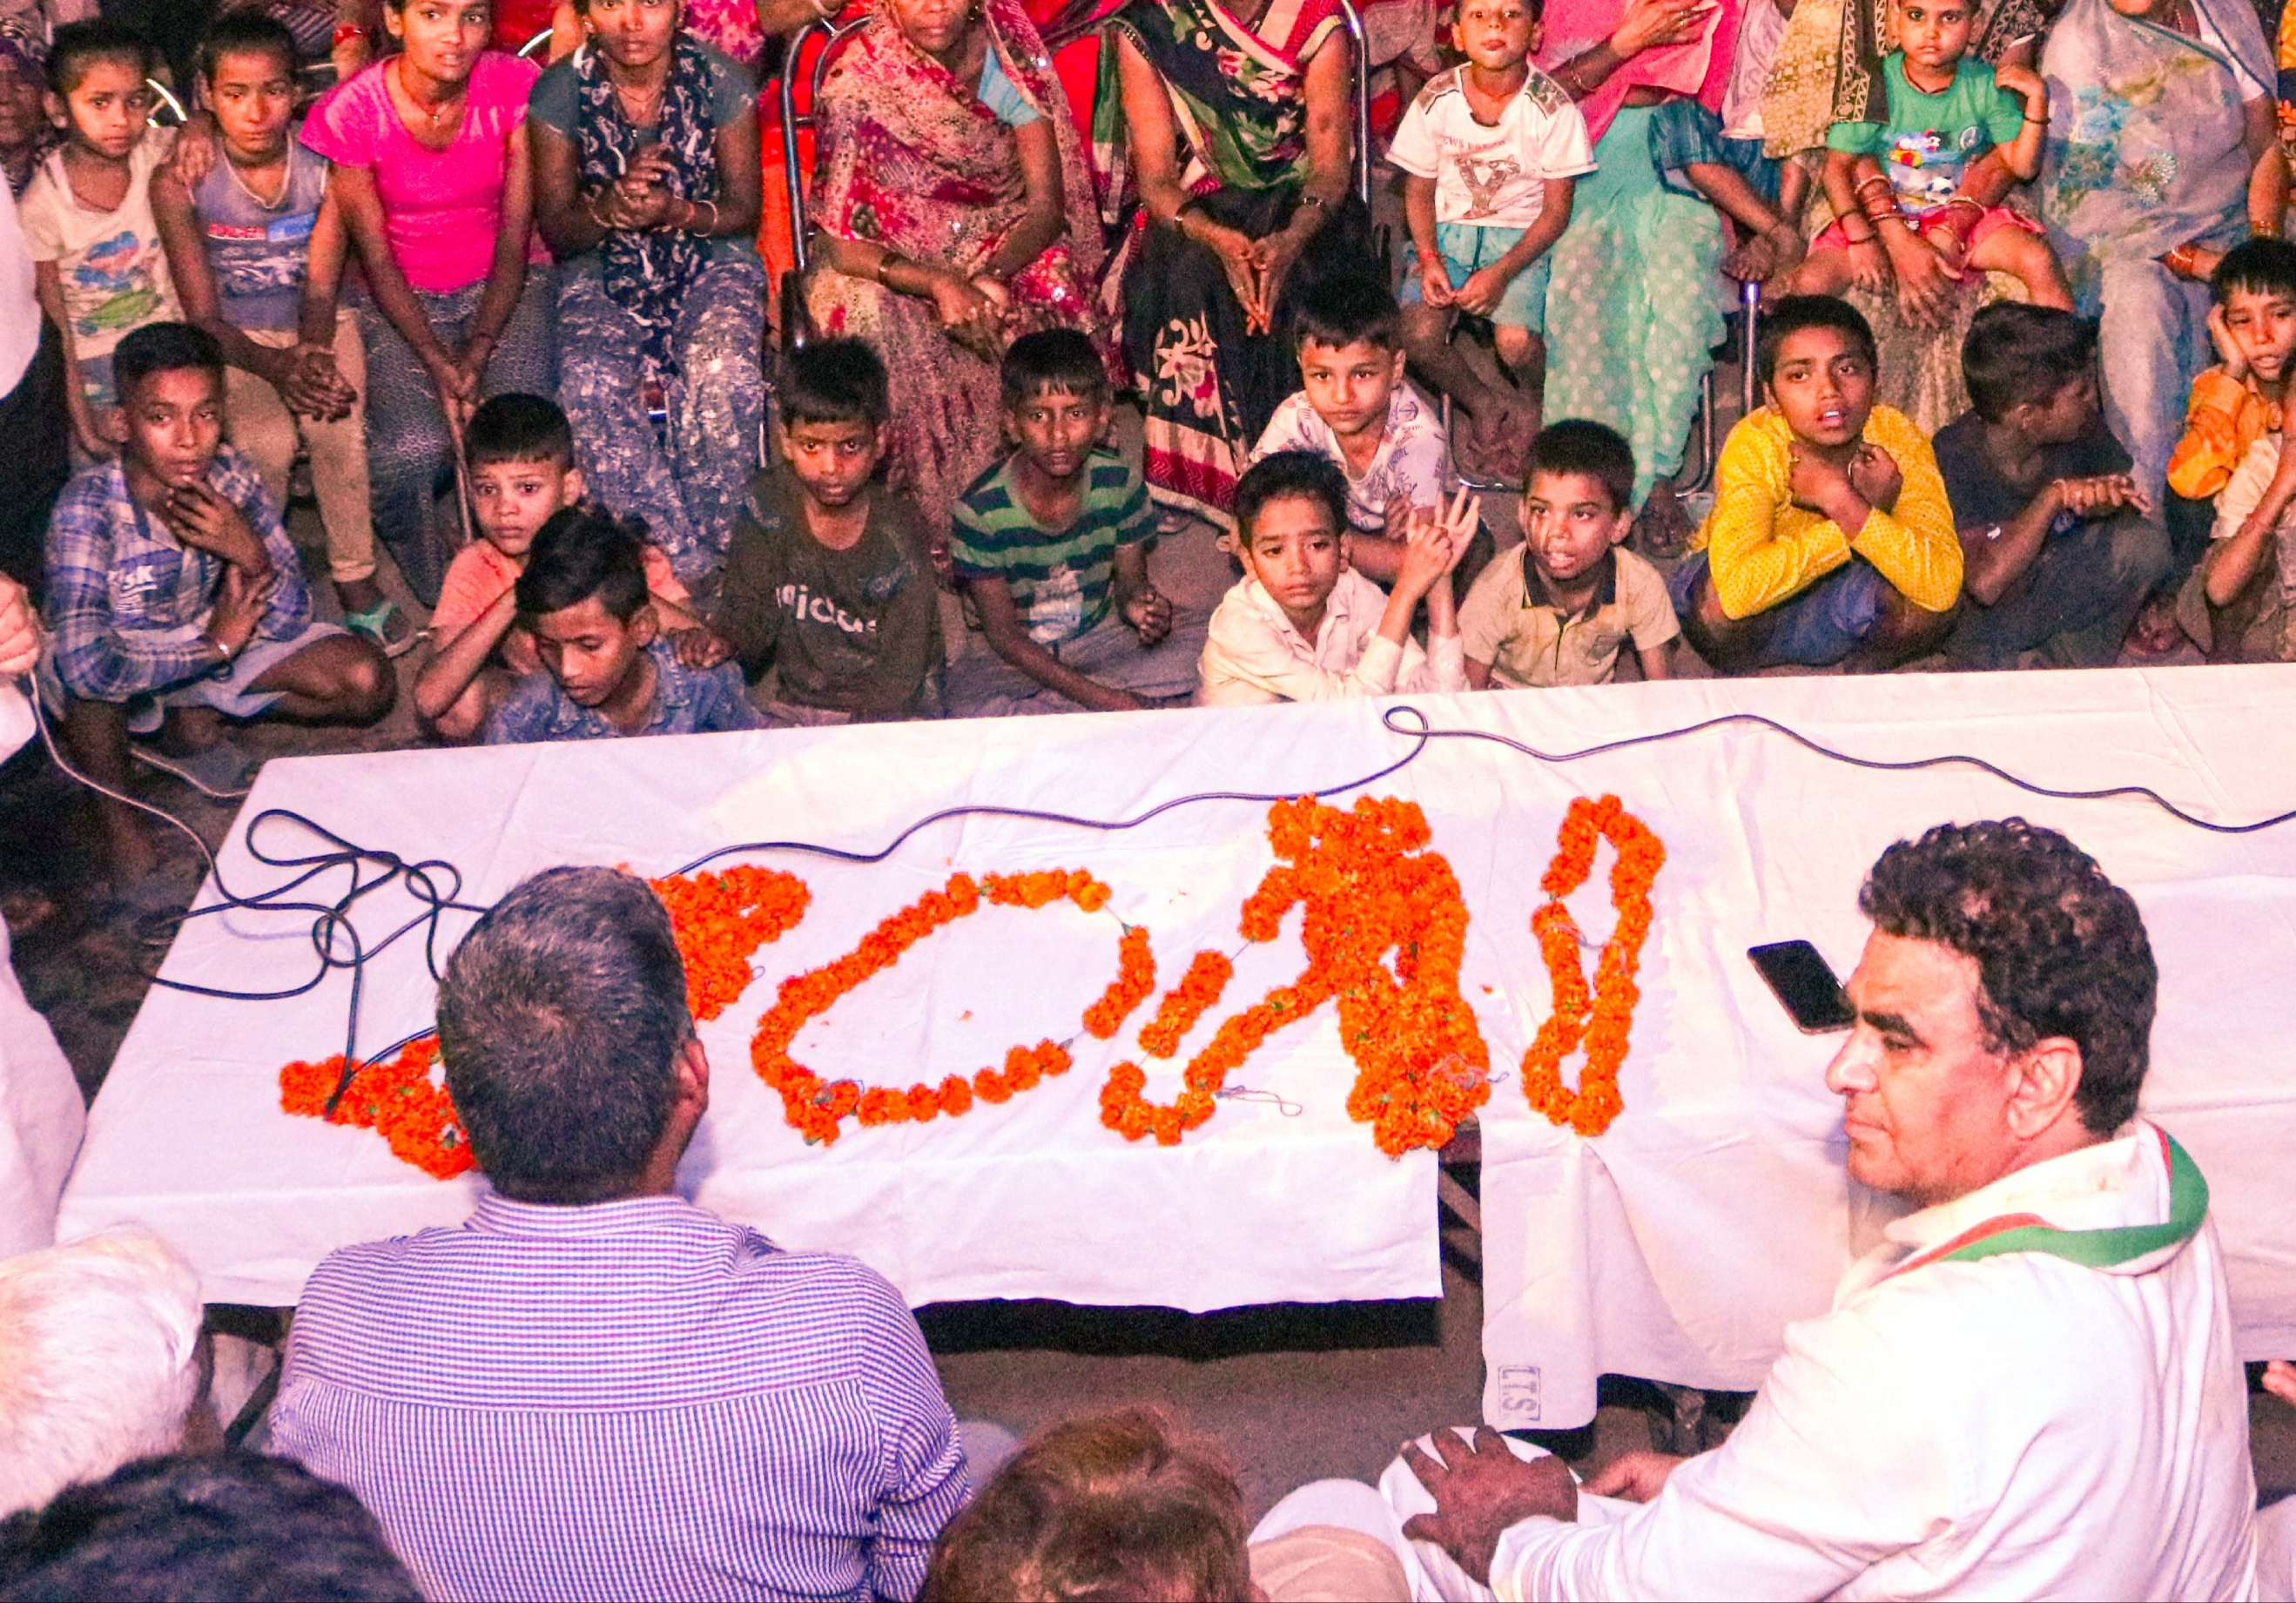 नरेंद गुप्ता को मिला सर्व सामाज का समर्थन